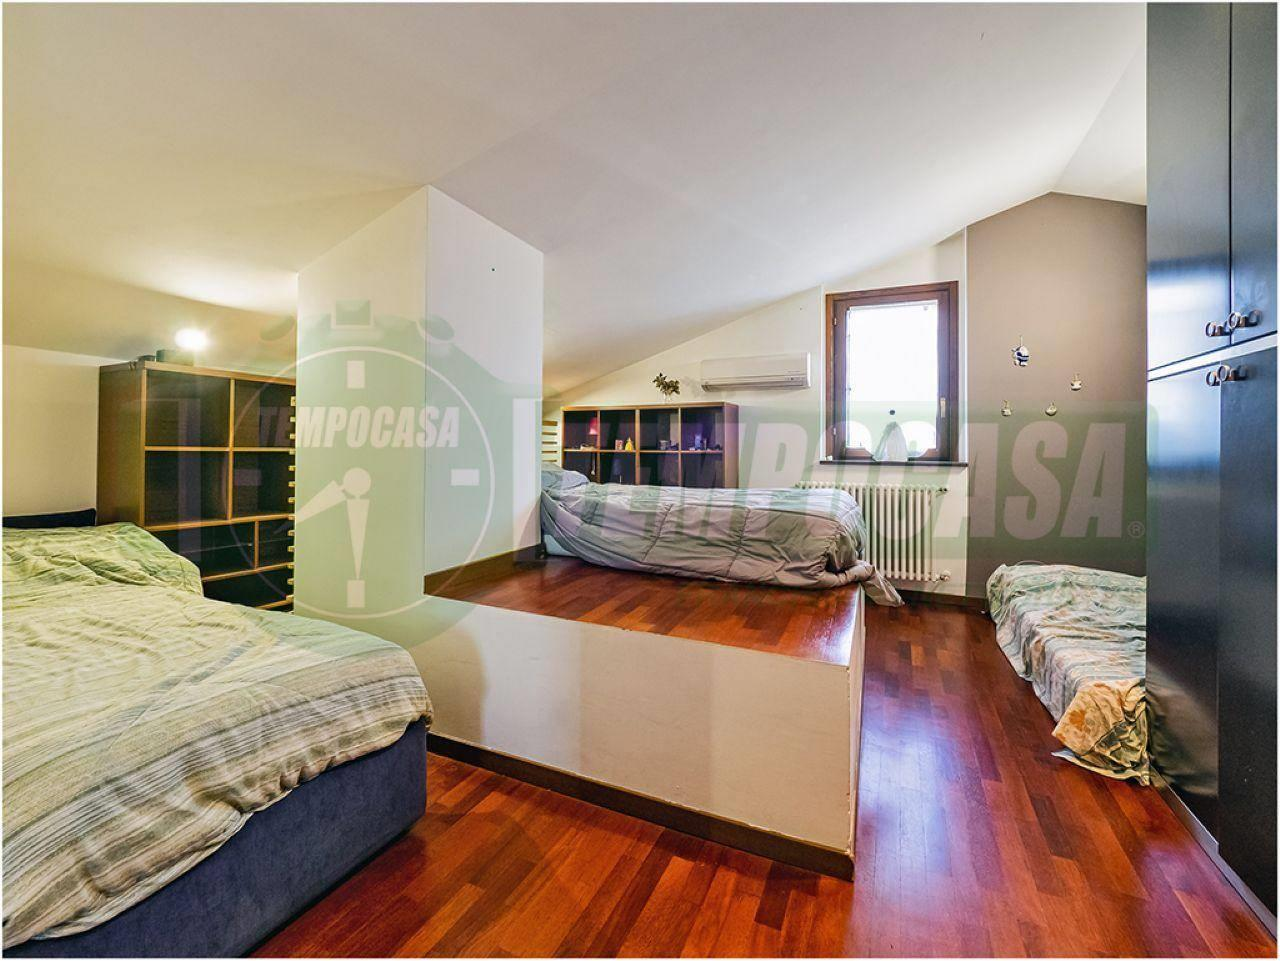 Foto 16 - Appartamento in Vendita - Cesano Maderno (Monza e Brianza)